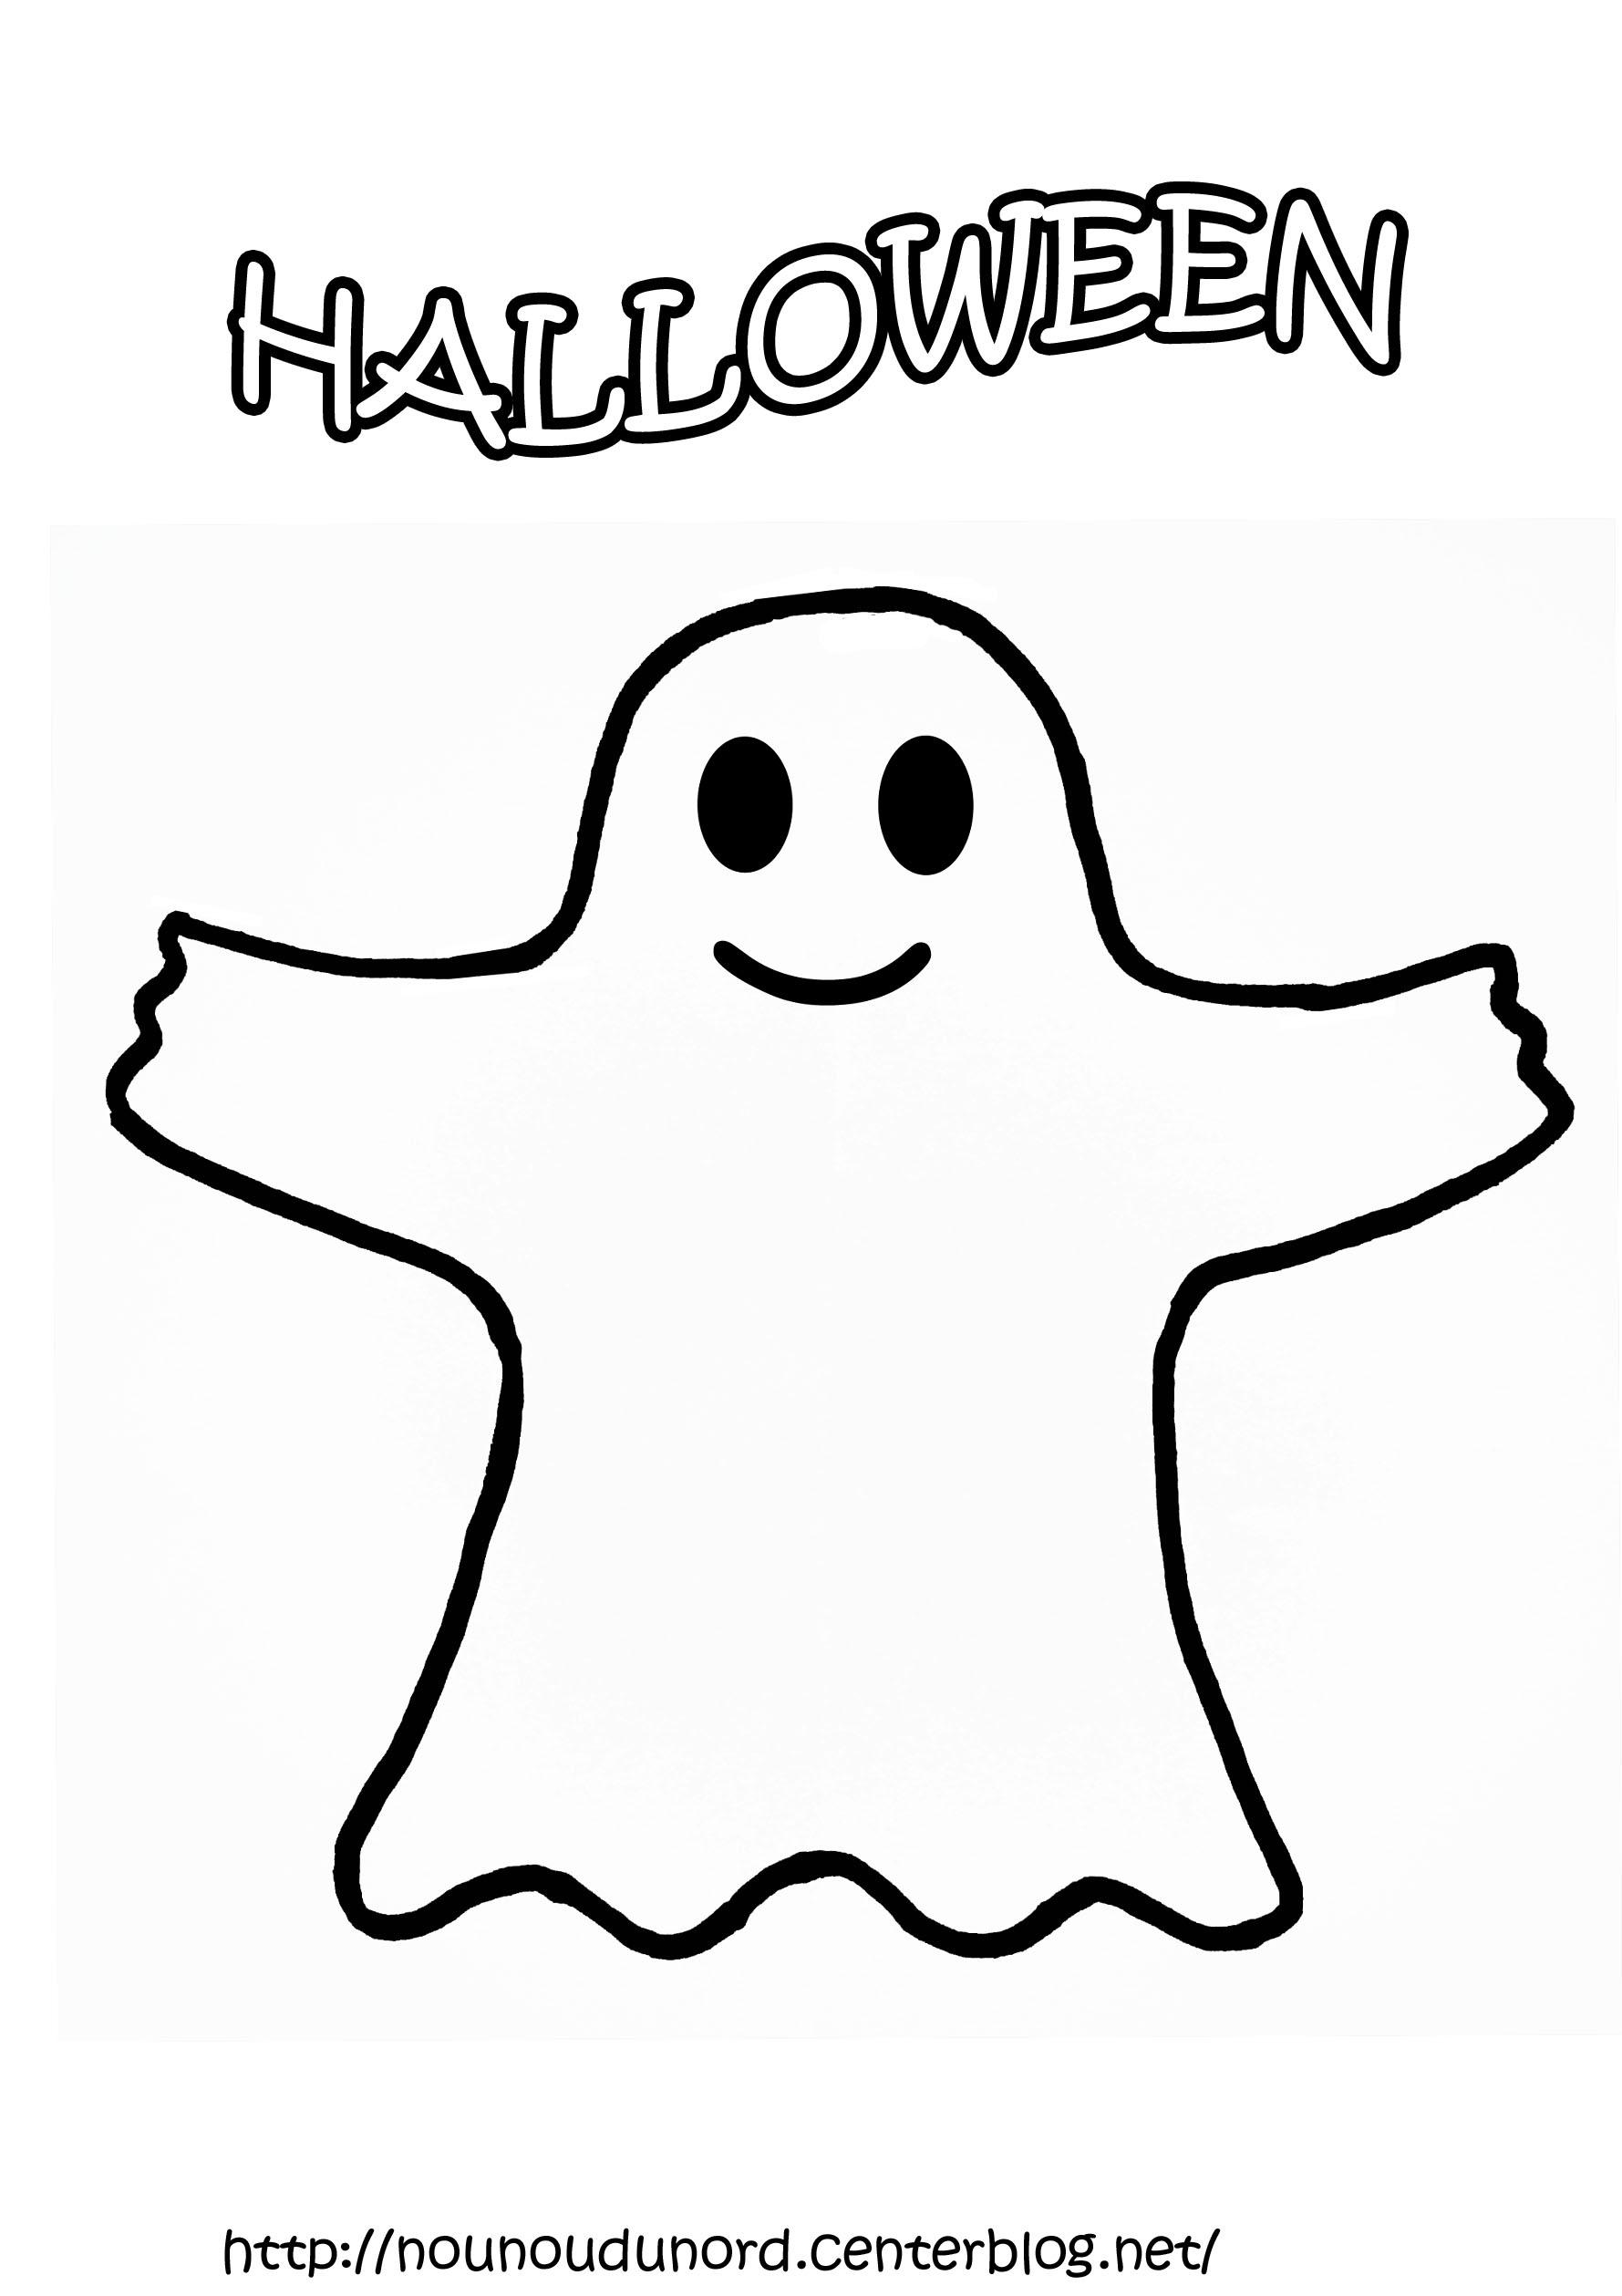 Coloriage Fantome À Imprimer Pour Les Enfants - Cp11268 intérieur Modele Dessin Halloween